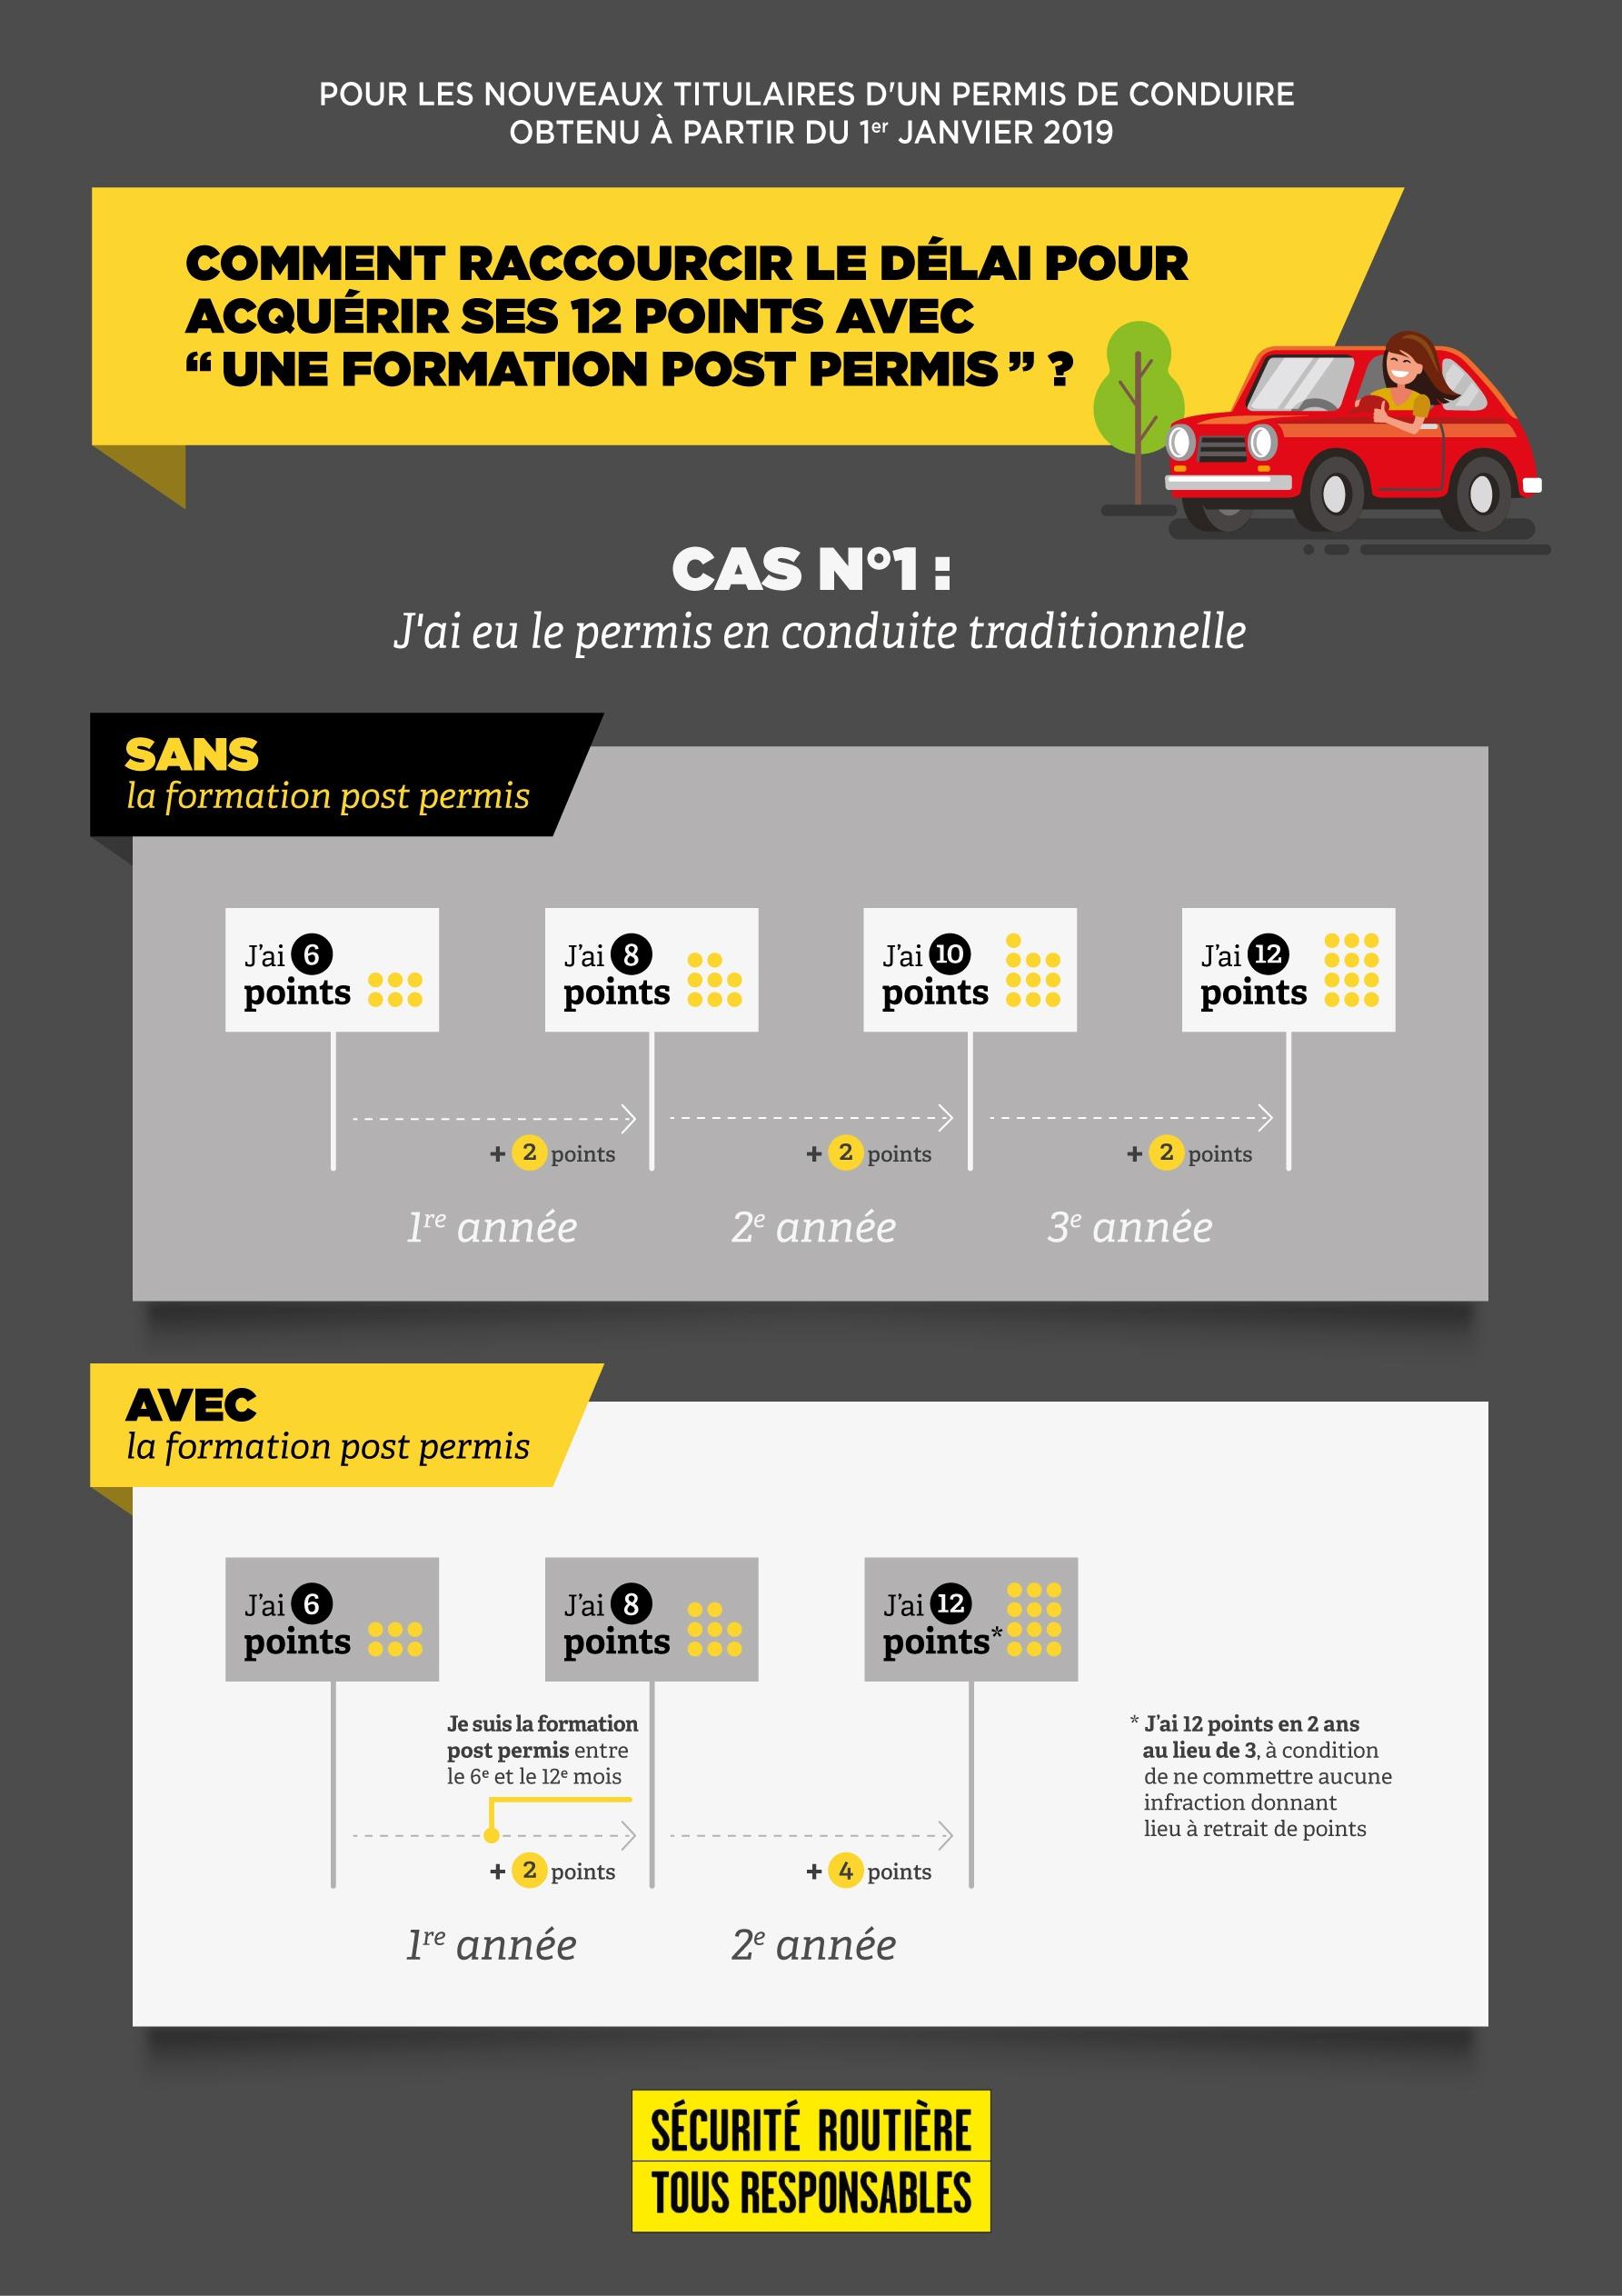 Formation complémentaire post permis 7h - FAMILY PERMIS - Filière Traditionnelle